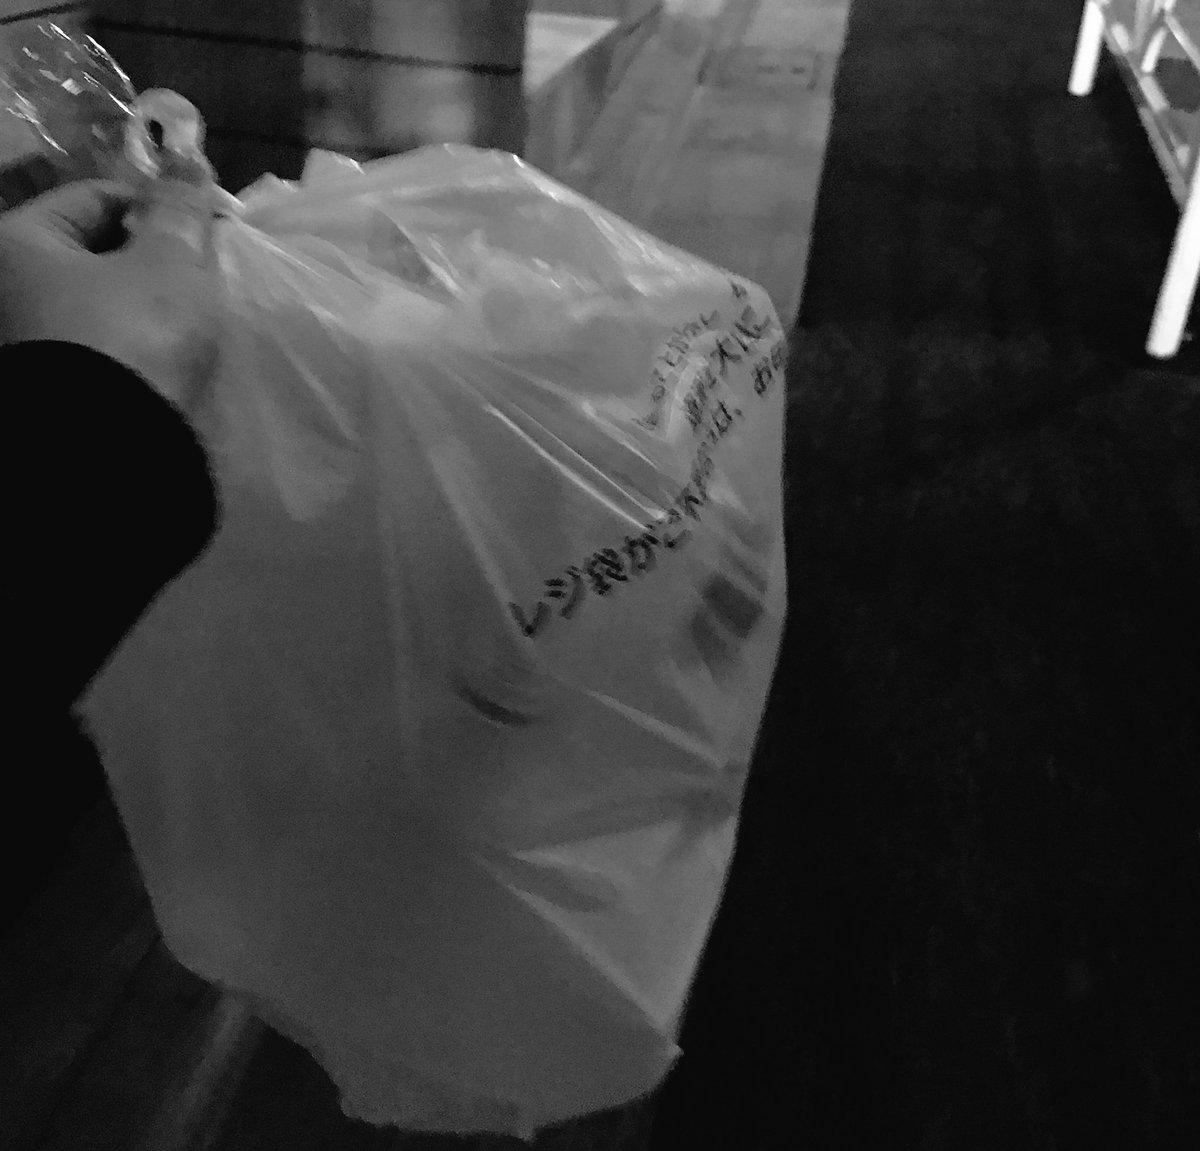 私が出かける際に… 母にペットボトル出して行ってね! と言われたものの… ペットボトル置くのを忘れて、、 バッグのように共にしてまた持って帰...